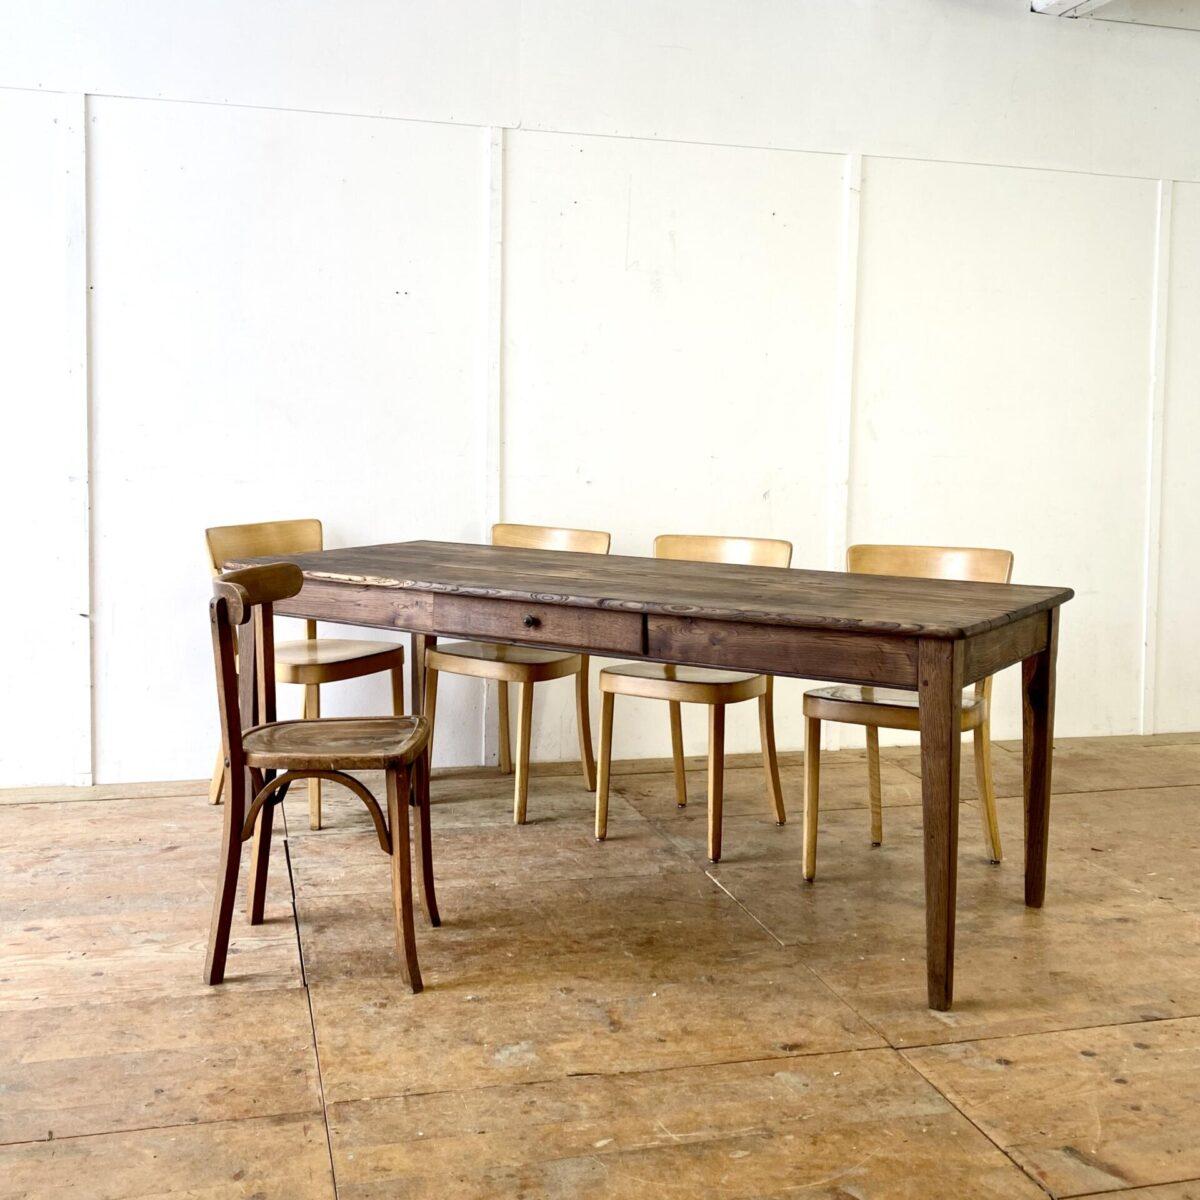 Alter Biedermeiertisch aus Eichenholz. 199x81.5cm Höhe 74.5cm. Dieser Esstisch hat eine dunkle Alterspatina, diverse Risse leicht offene Fugen, aber alles in stabilem Zustand. Der Tisch bietet angenehm Platz für 8 Personen, etwas näher zusammen gerückt passen auch 10 Stühle an den Tisch. Holzoberflächen geölt.